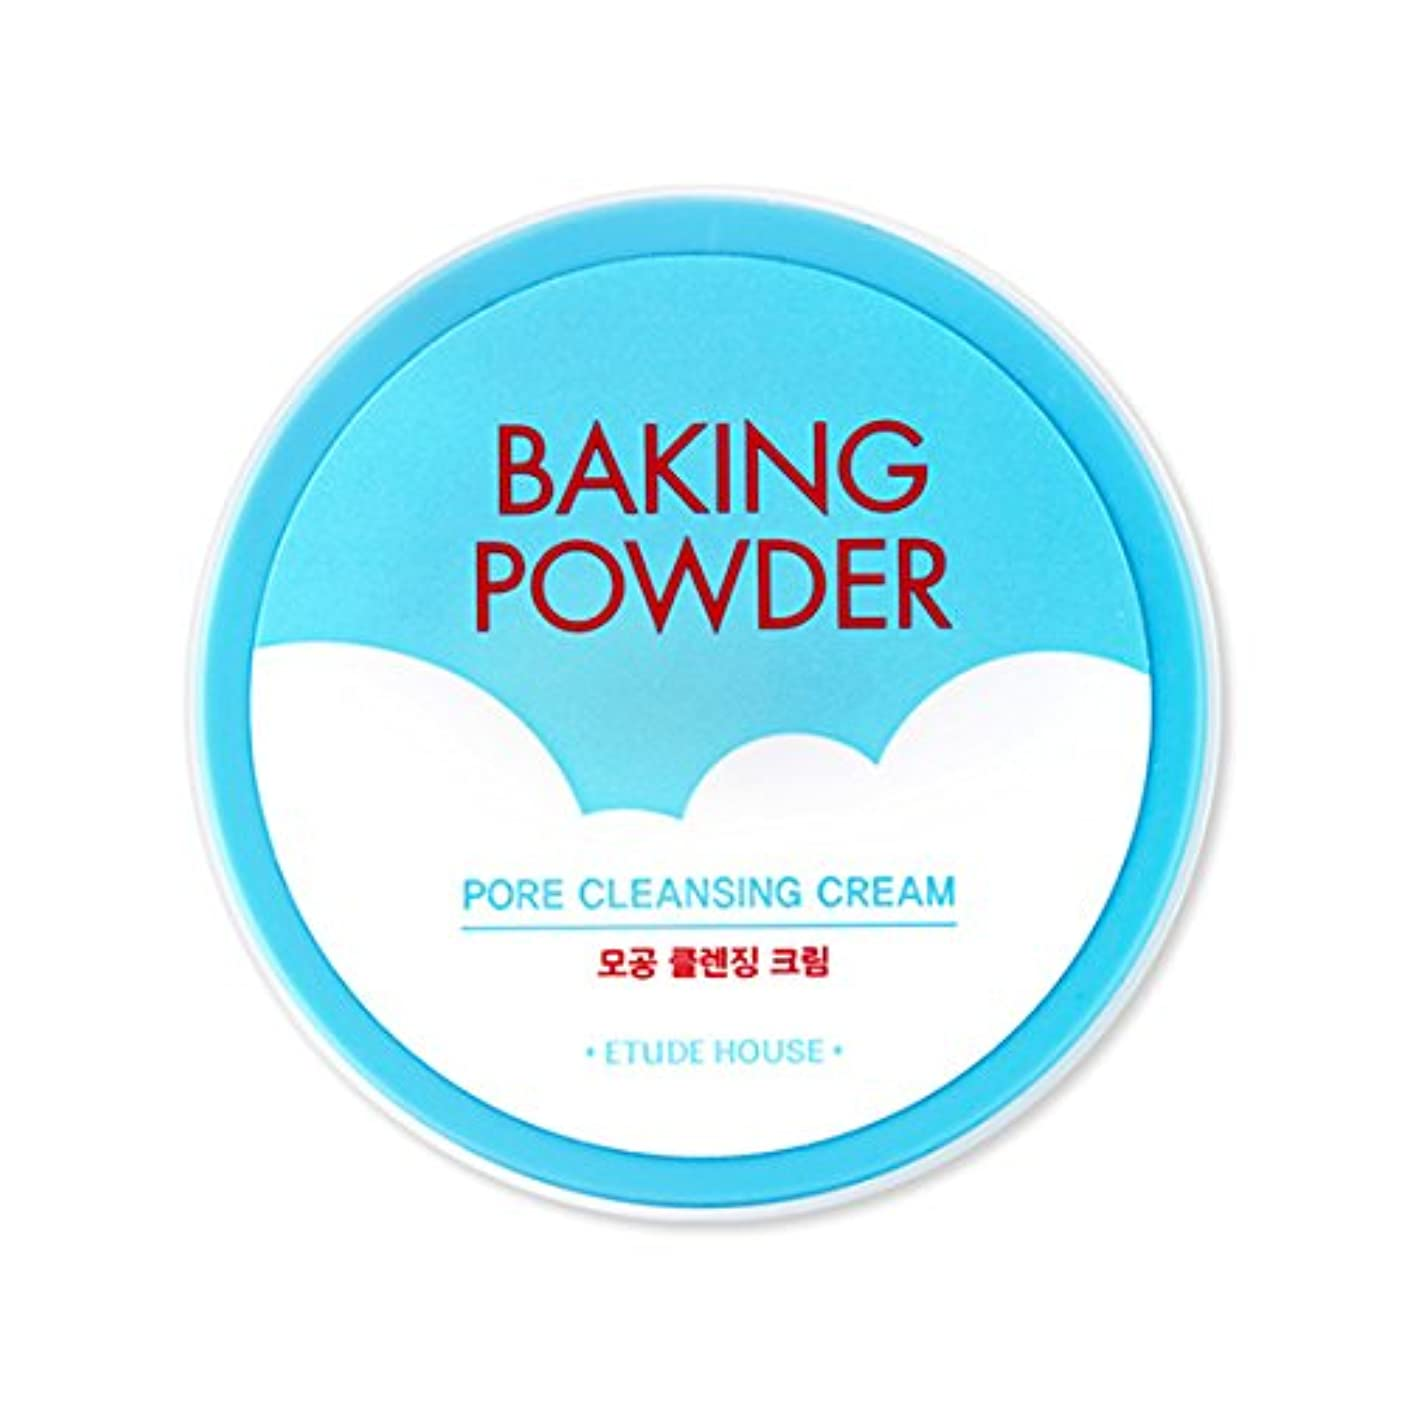 送金外交喜んで[2016 Upgrade!] ETUDE HOUSE Baking Powder Pore Cleansing Cream 180ml/エチュードハウス ベーキング パウダー ポア クレンジング クリーム 180ml [並行輸入品]